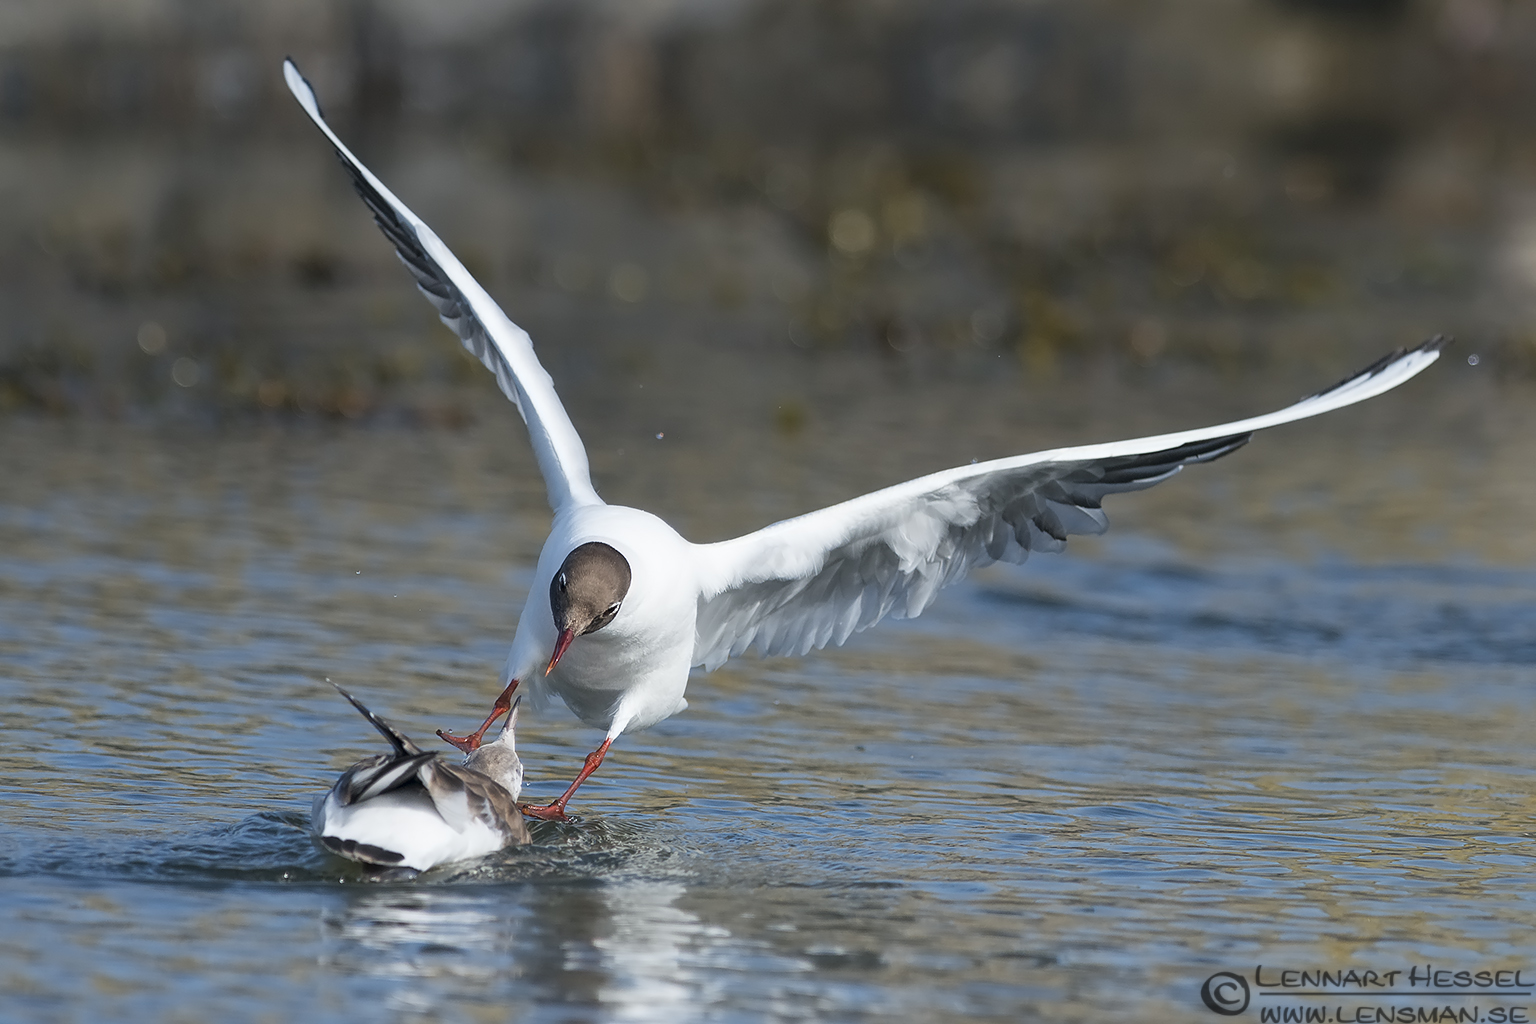 Black-headed Gull attack evening